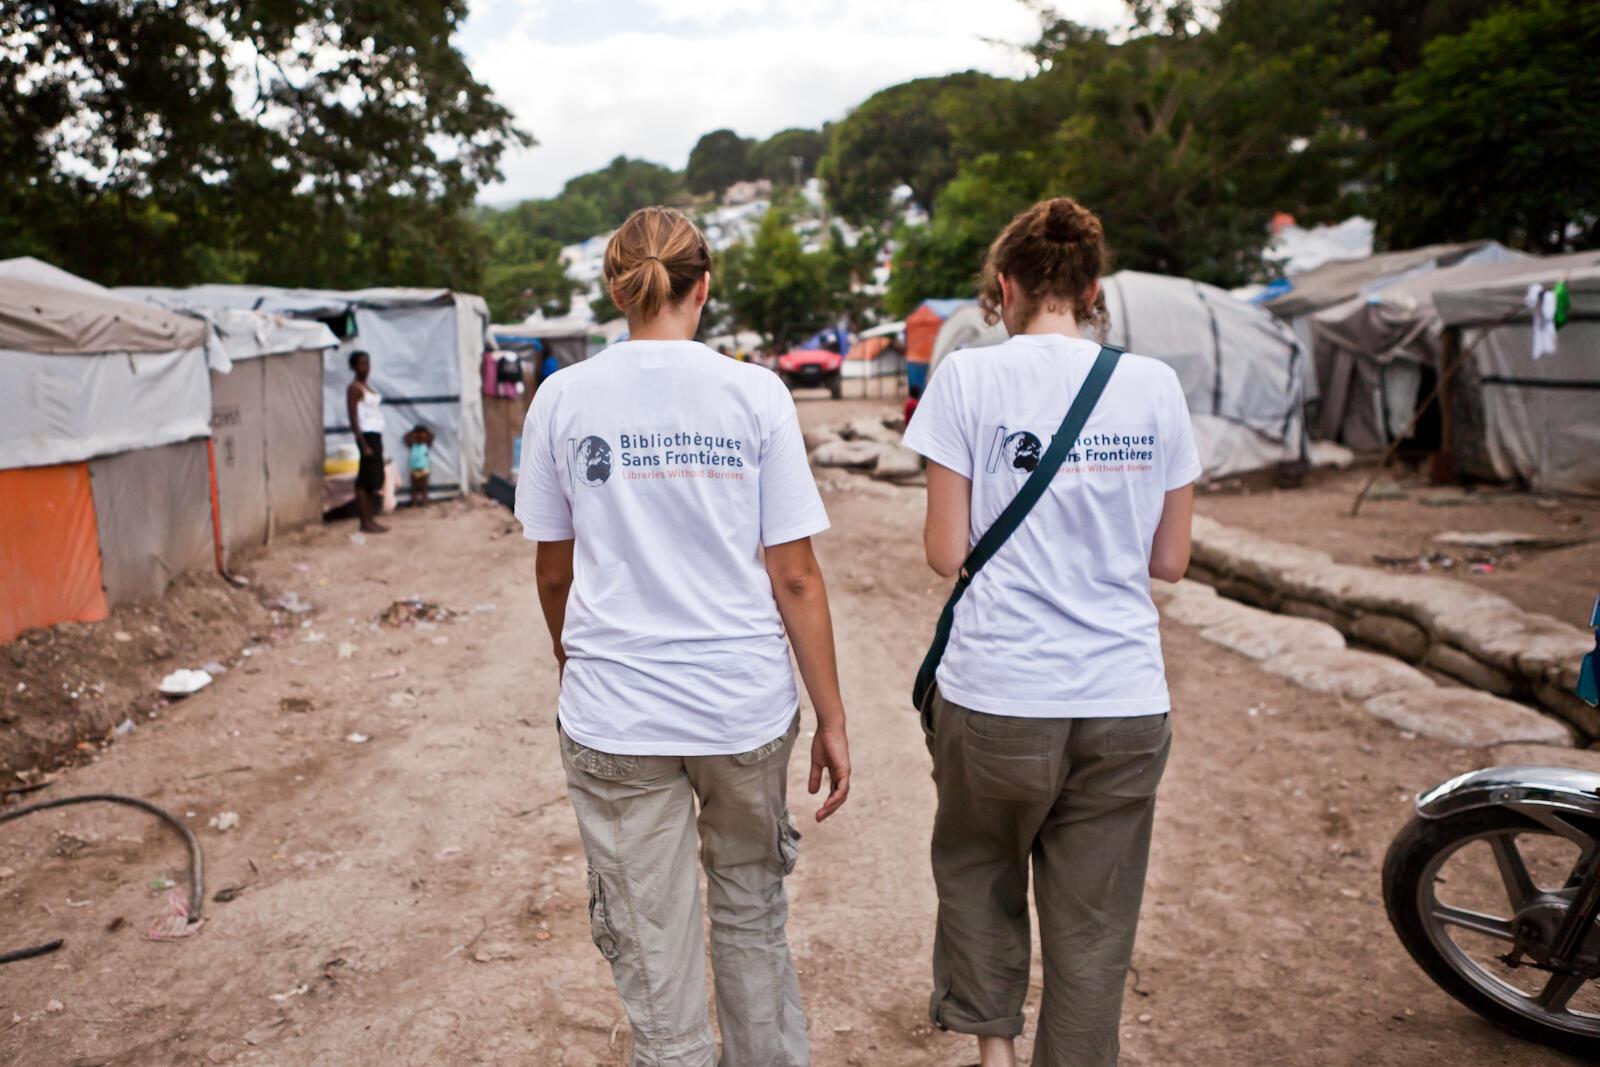 Deux membres de Bibliothèques sans frontières dans un camp près de Port-au-Prince, en décembre 2010.